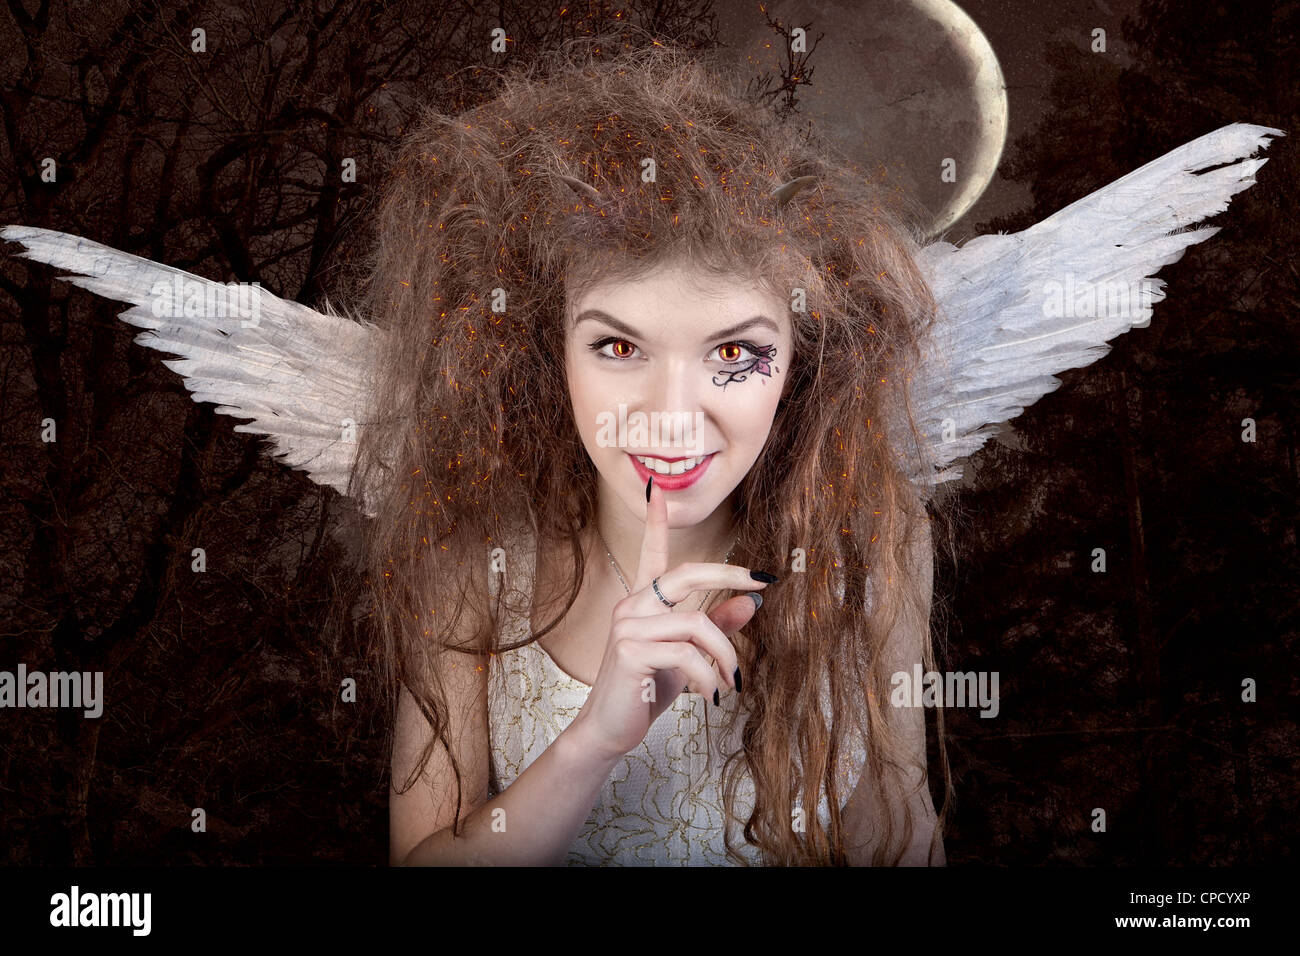 Bello ángel con cuernos, cuento fantástico Imagen De Stock